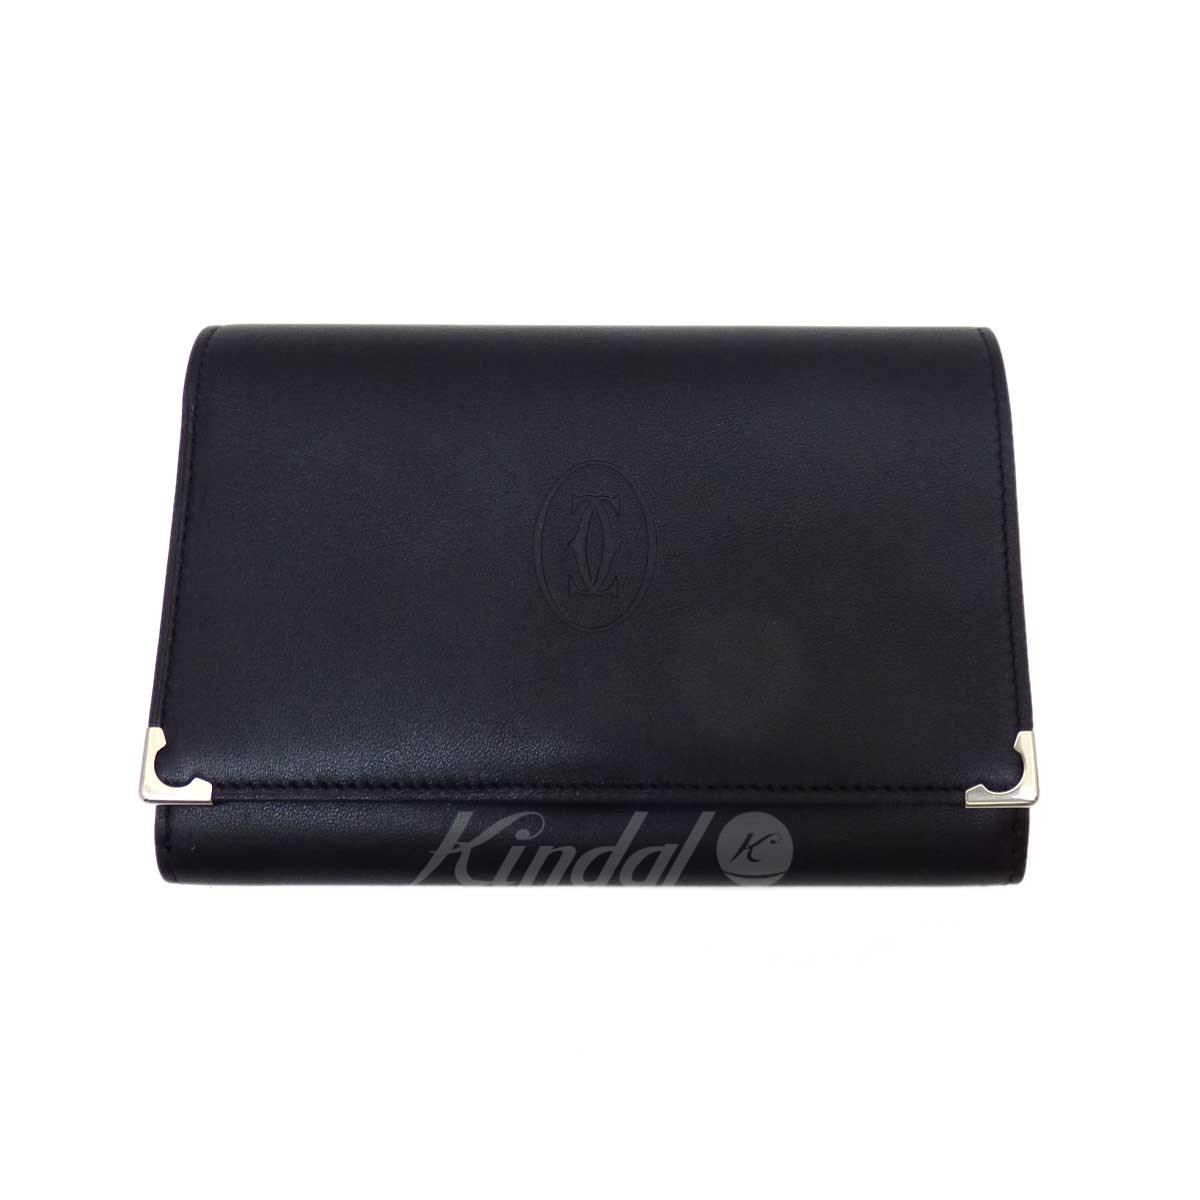 【中古】Cartier 財布 ブラック 【280419】(カルティエ)